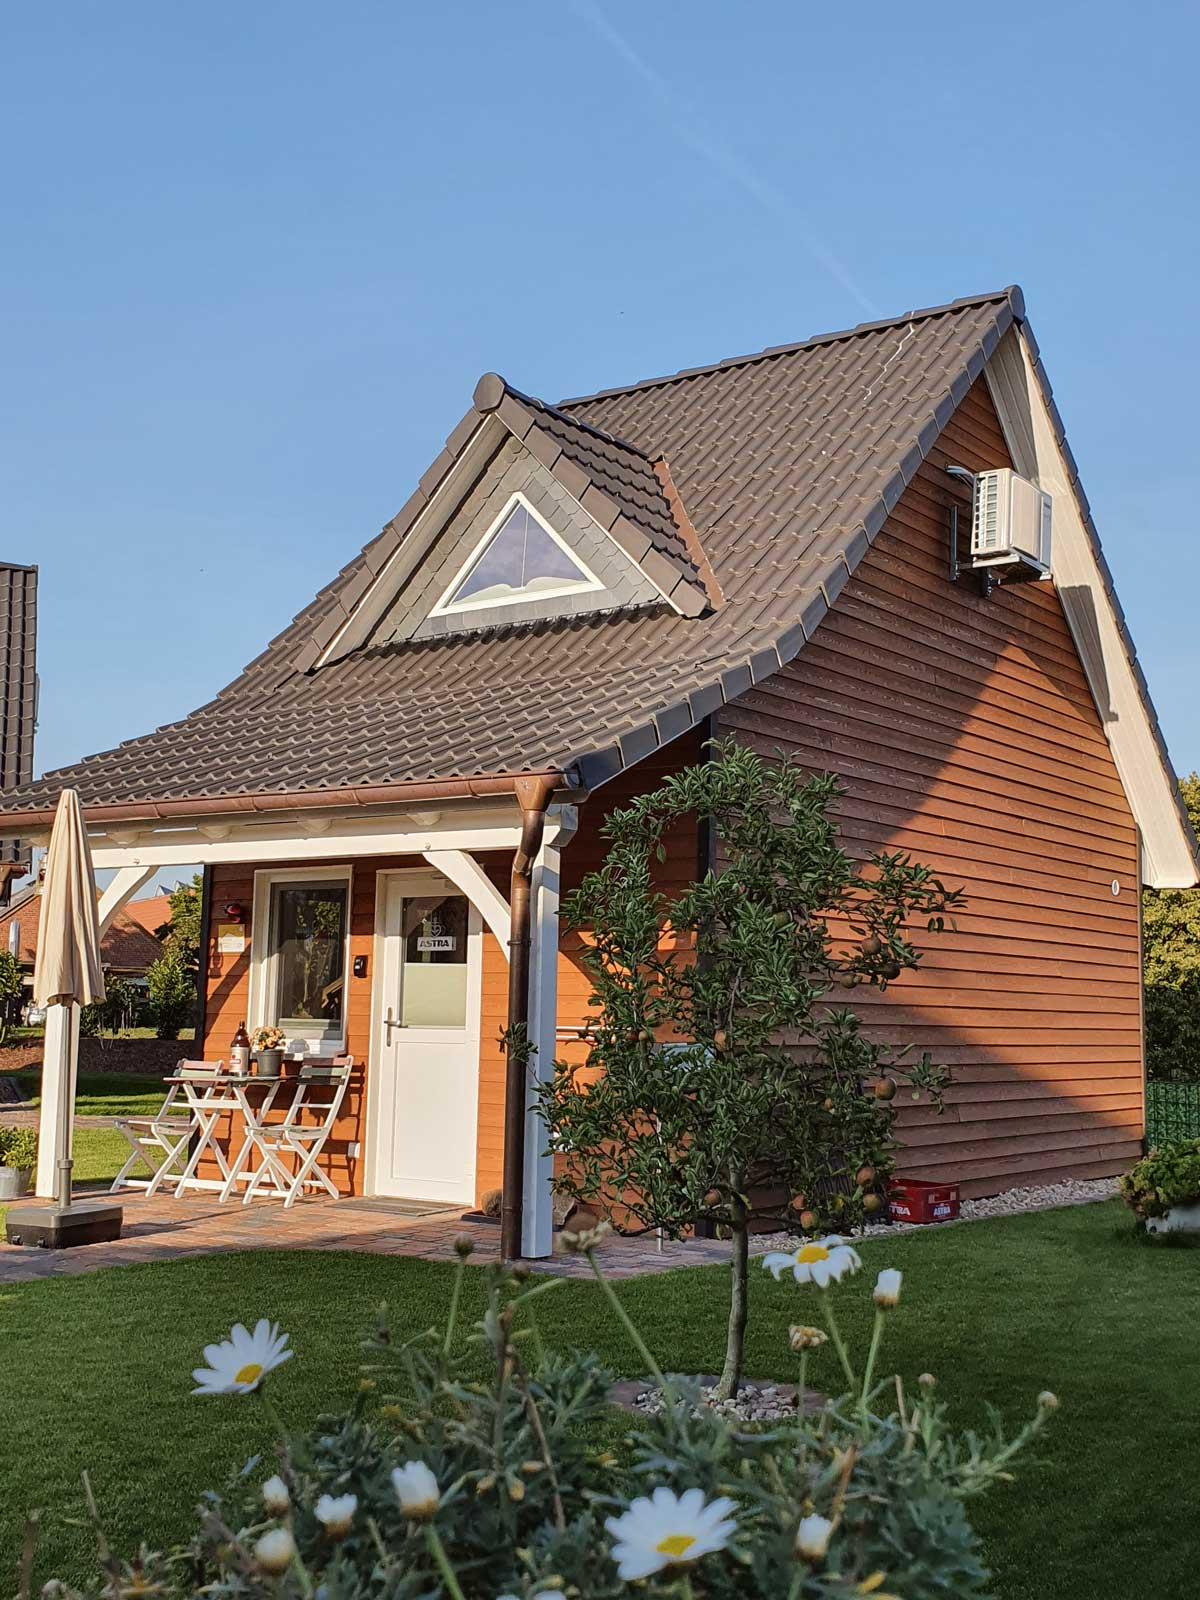 tinyhaus-ausstatttung-aussen-2-092020